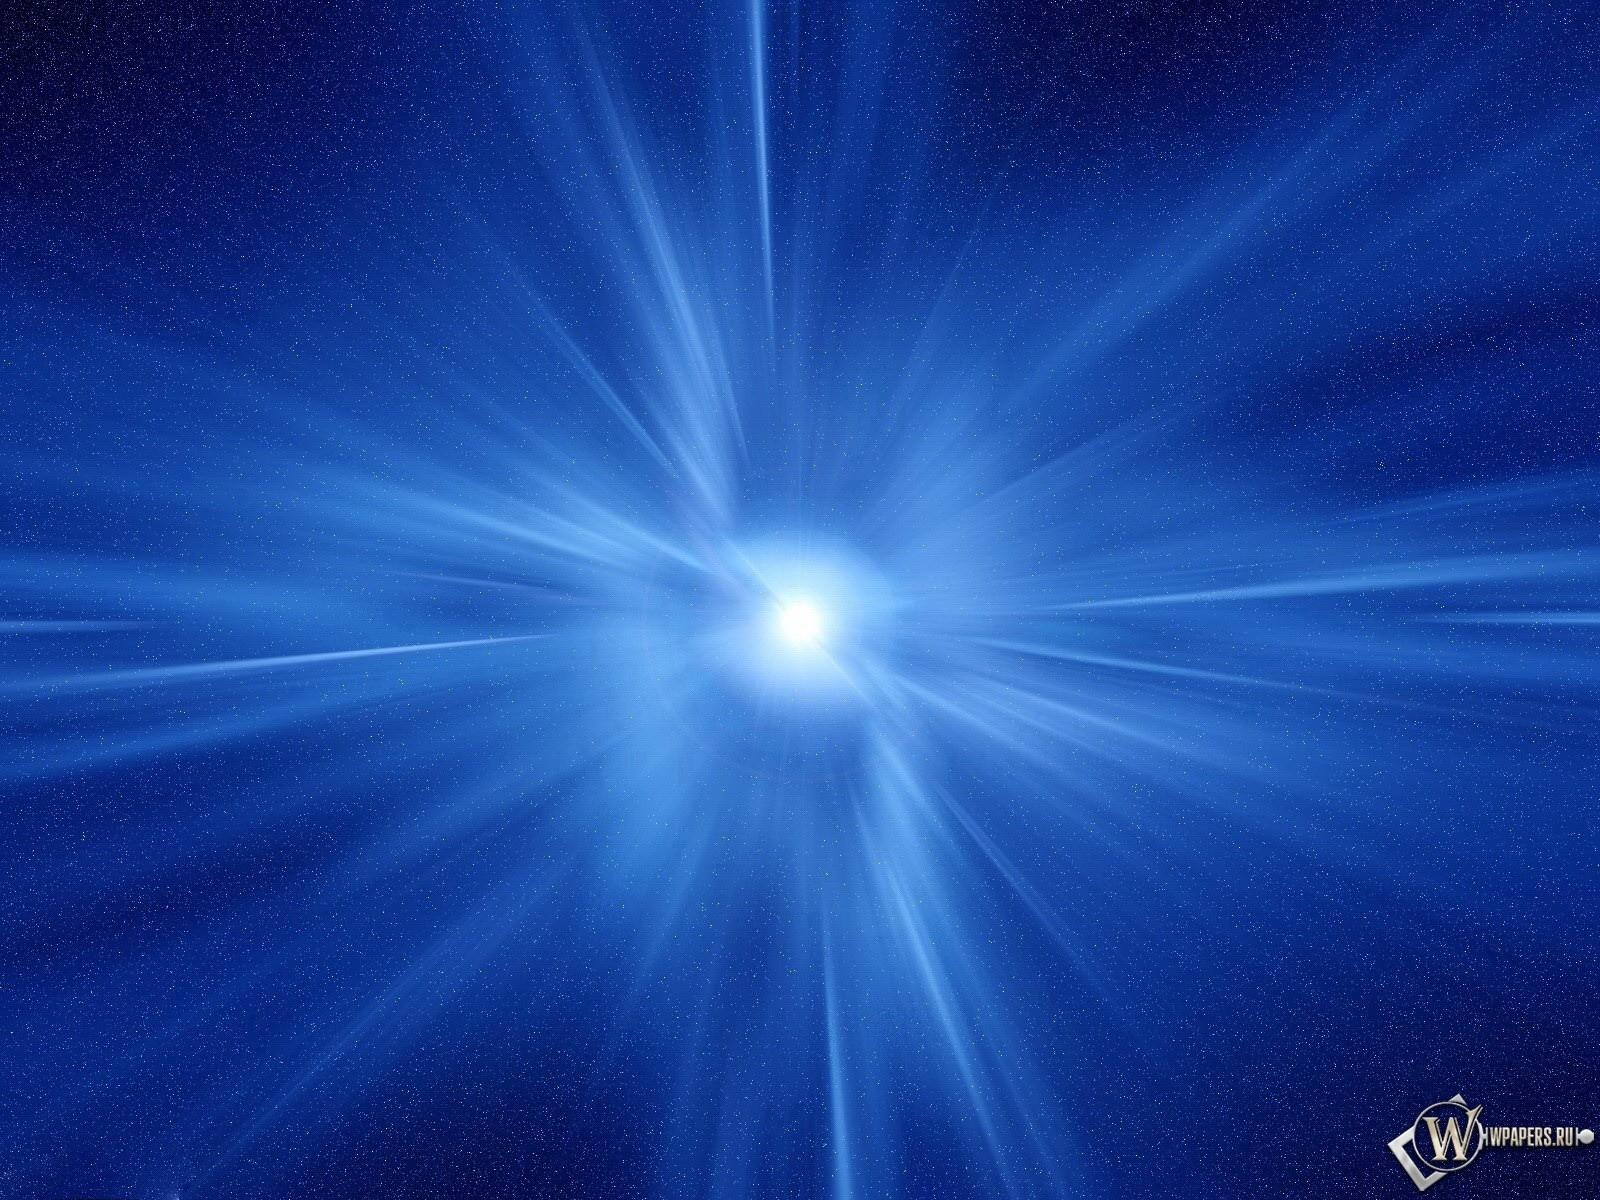 Синяя Абстракция 1600x1200